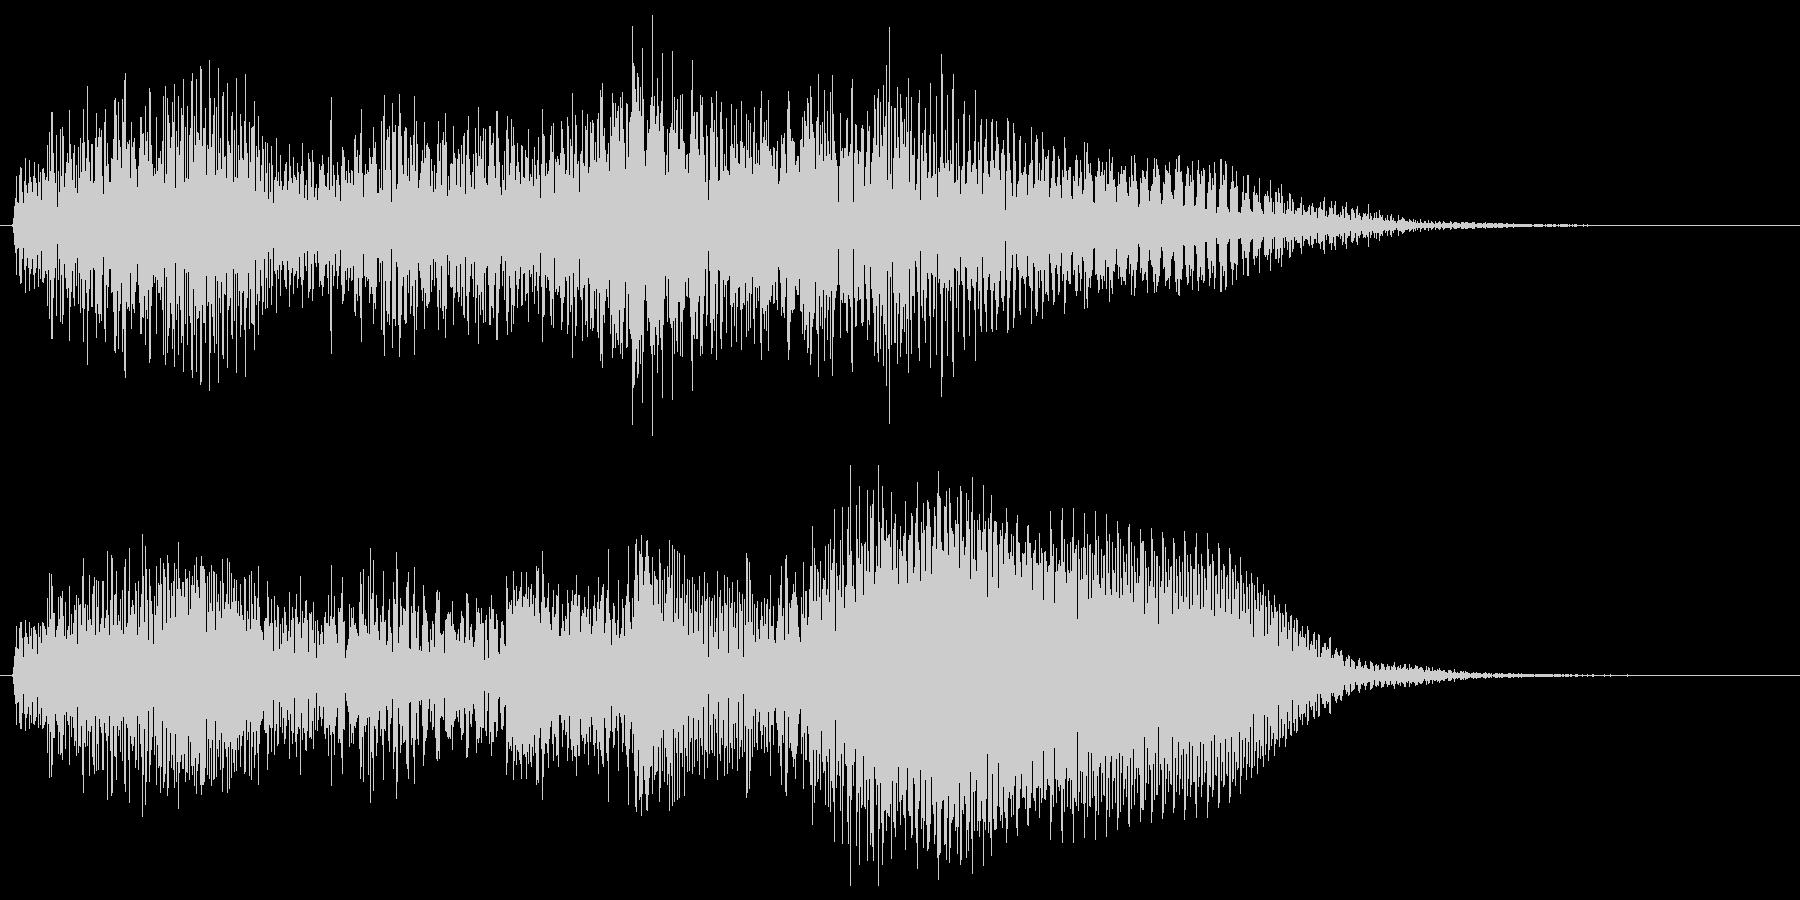 ハープとギターの場面転換 コードじゃらんの未再生の波形